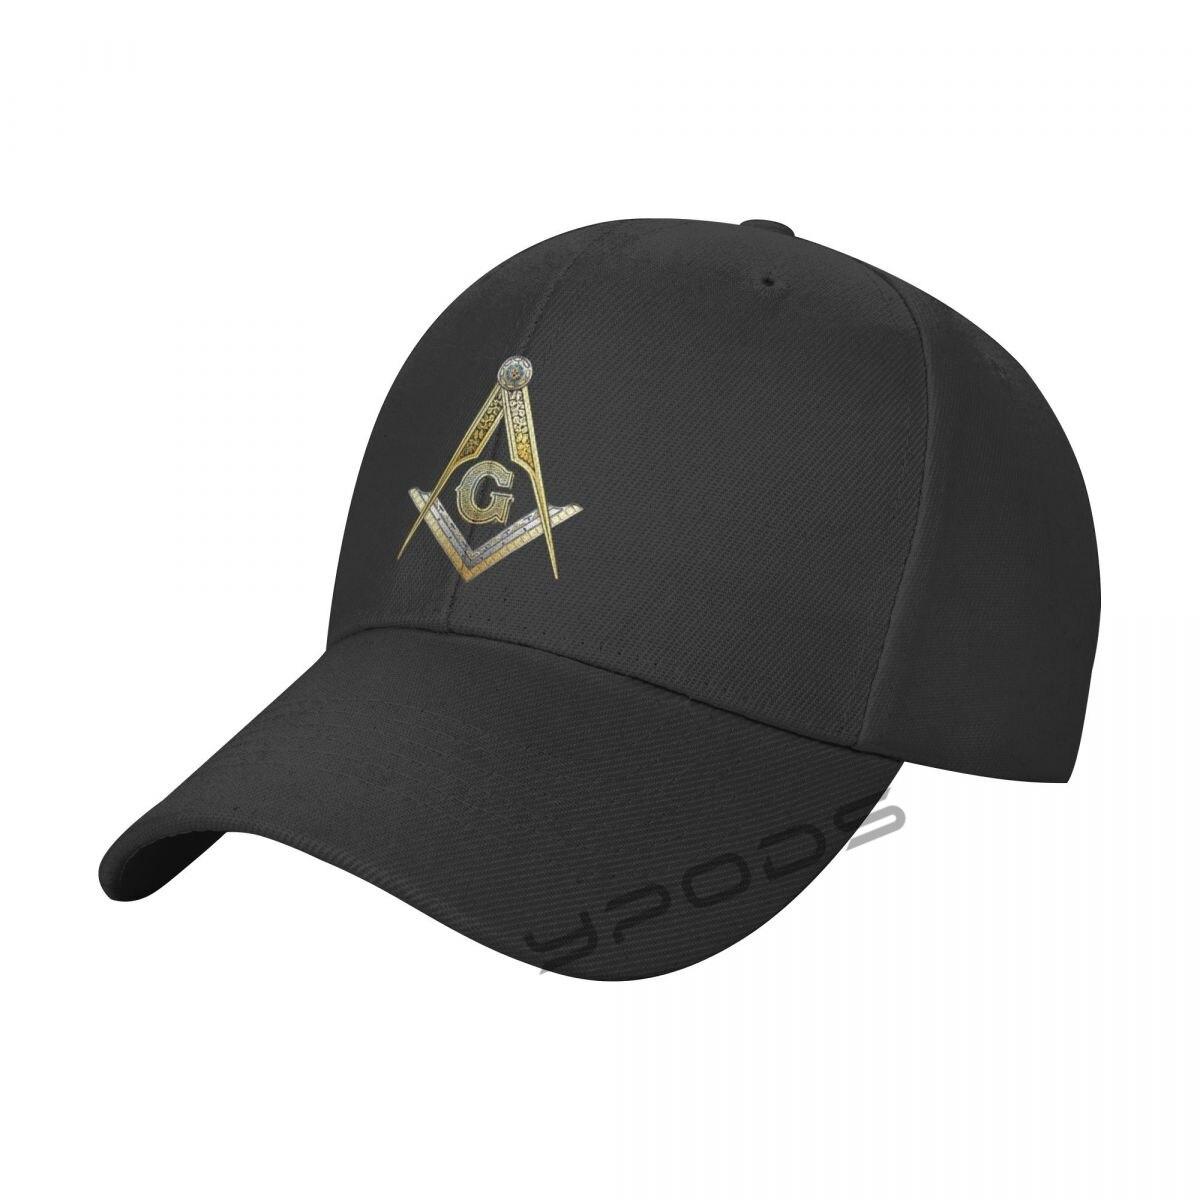 Однотонные бейсболки AKFJ -NKJA- Masonic, многоцветные мужские и женские кепки с козырьком, регулируемые повседневные спортивные кепки